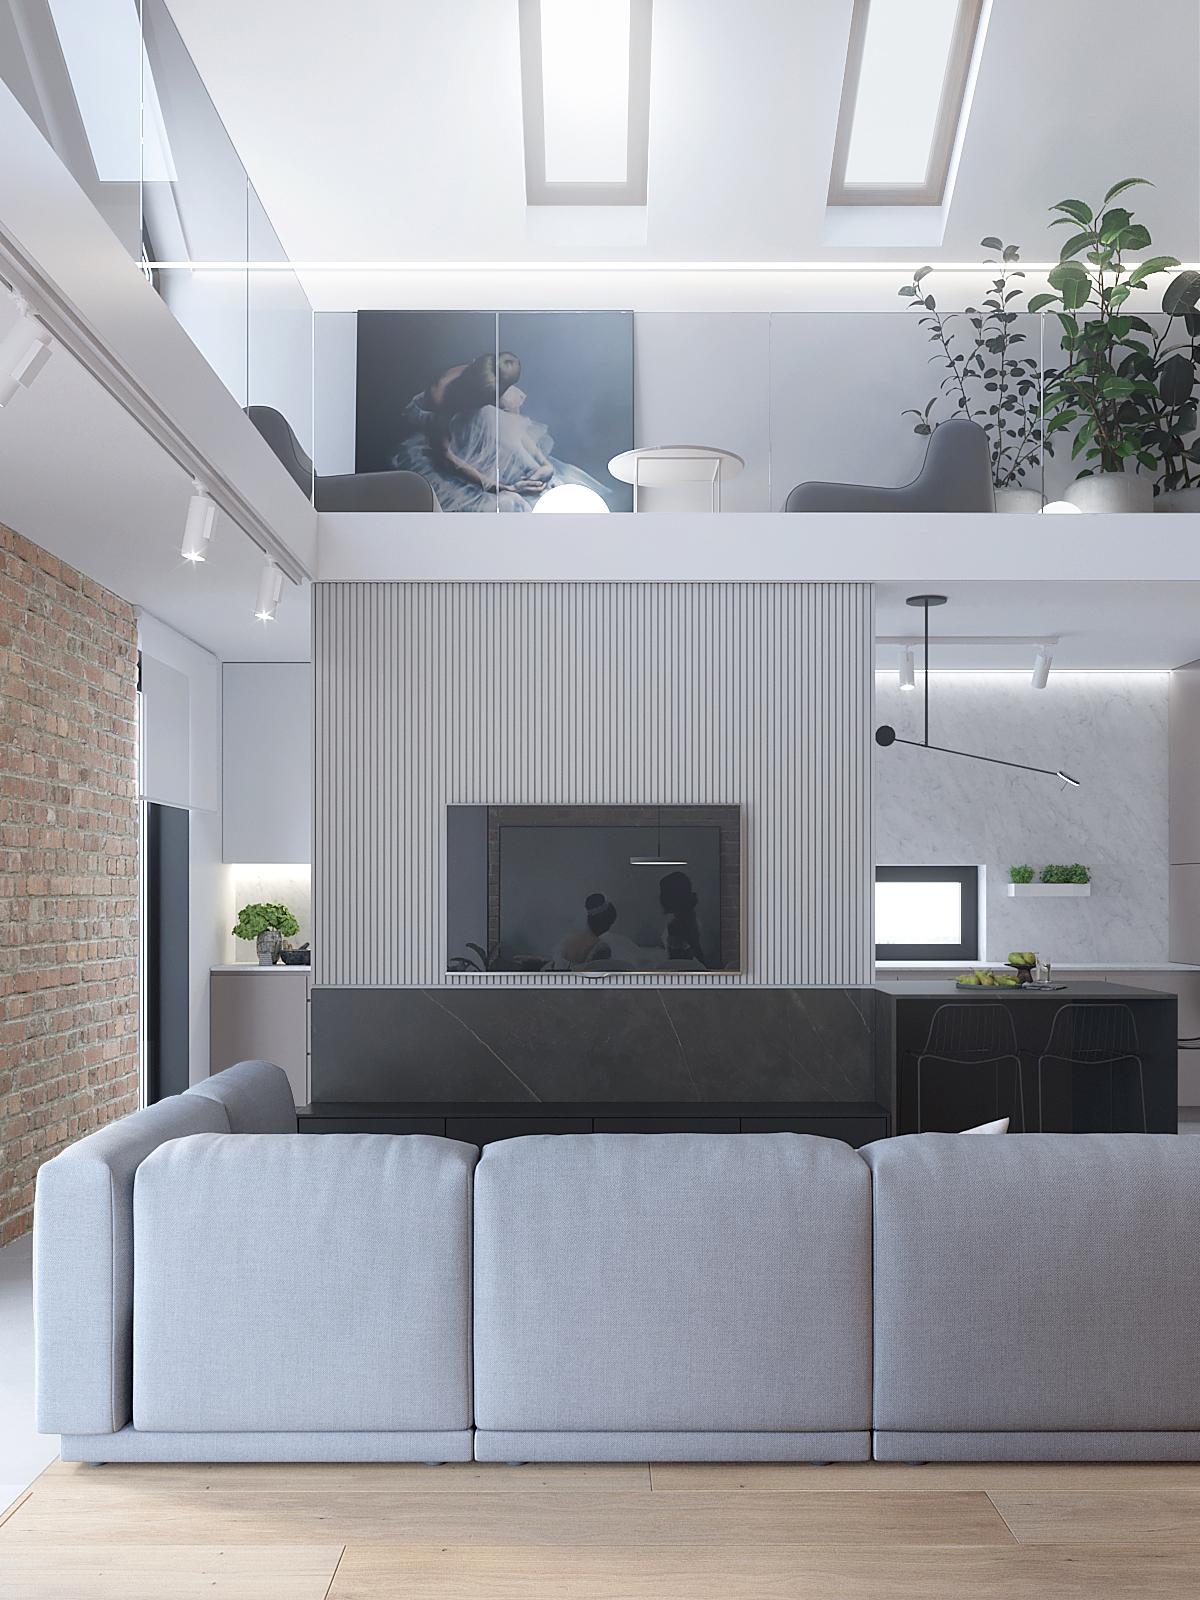 5 architekt wnetrz D428 dom Ruda Slaska salon szara sofa cegla na scianie zabudowa sciany telewizyjnej frezy na plycie meblowej